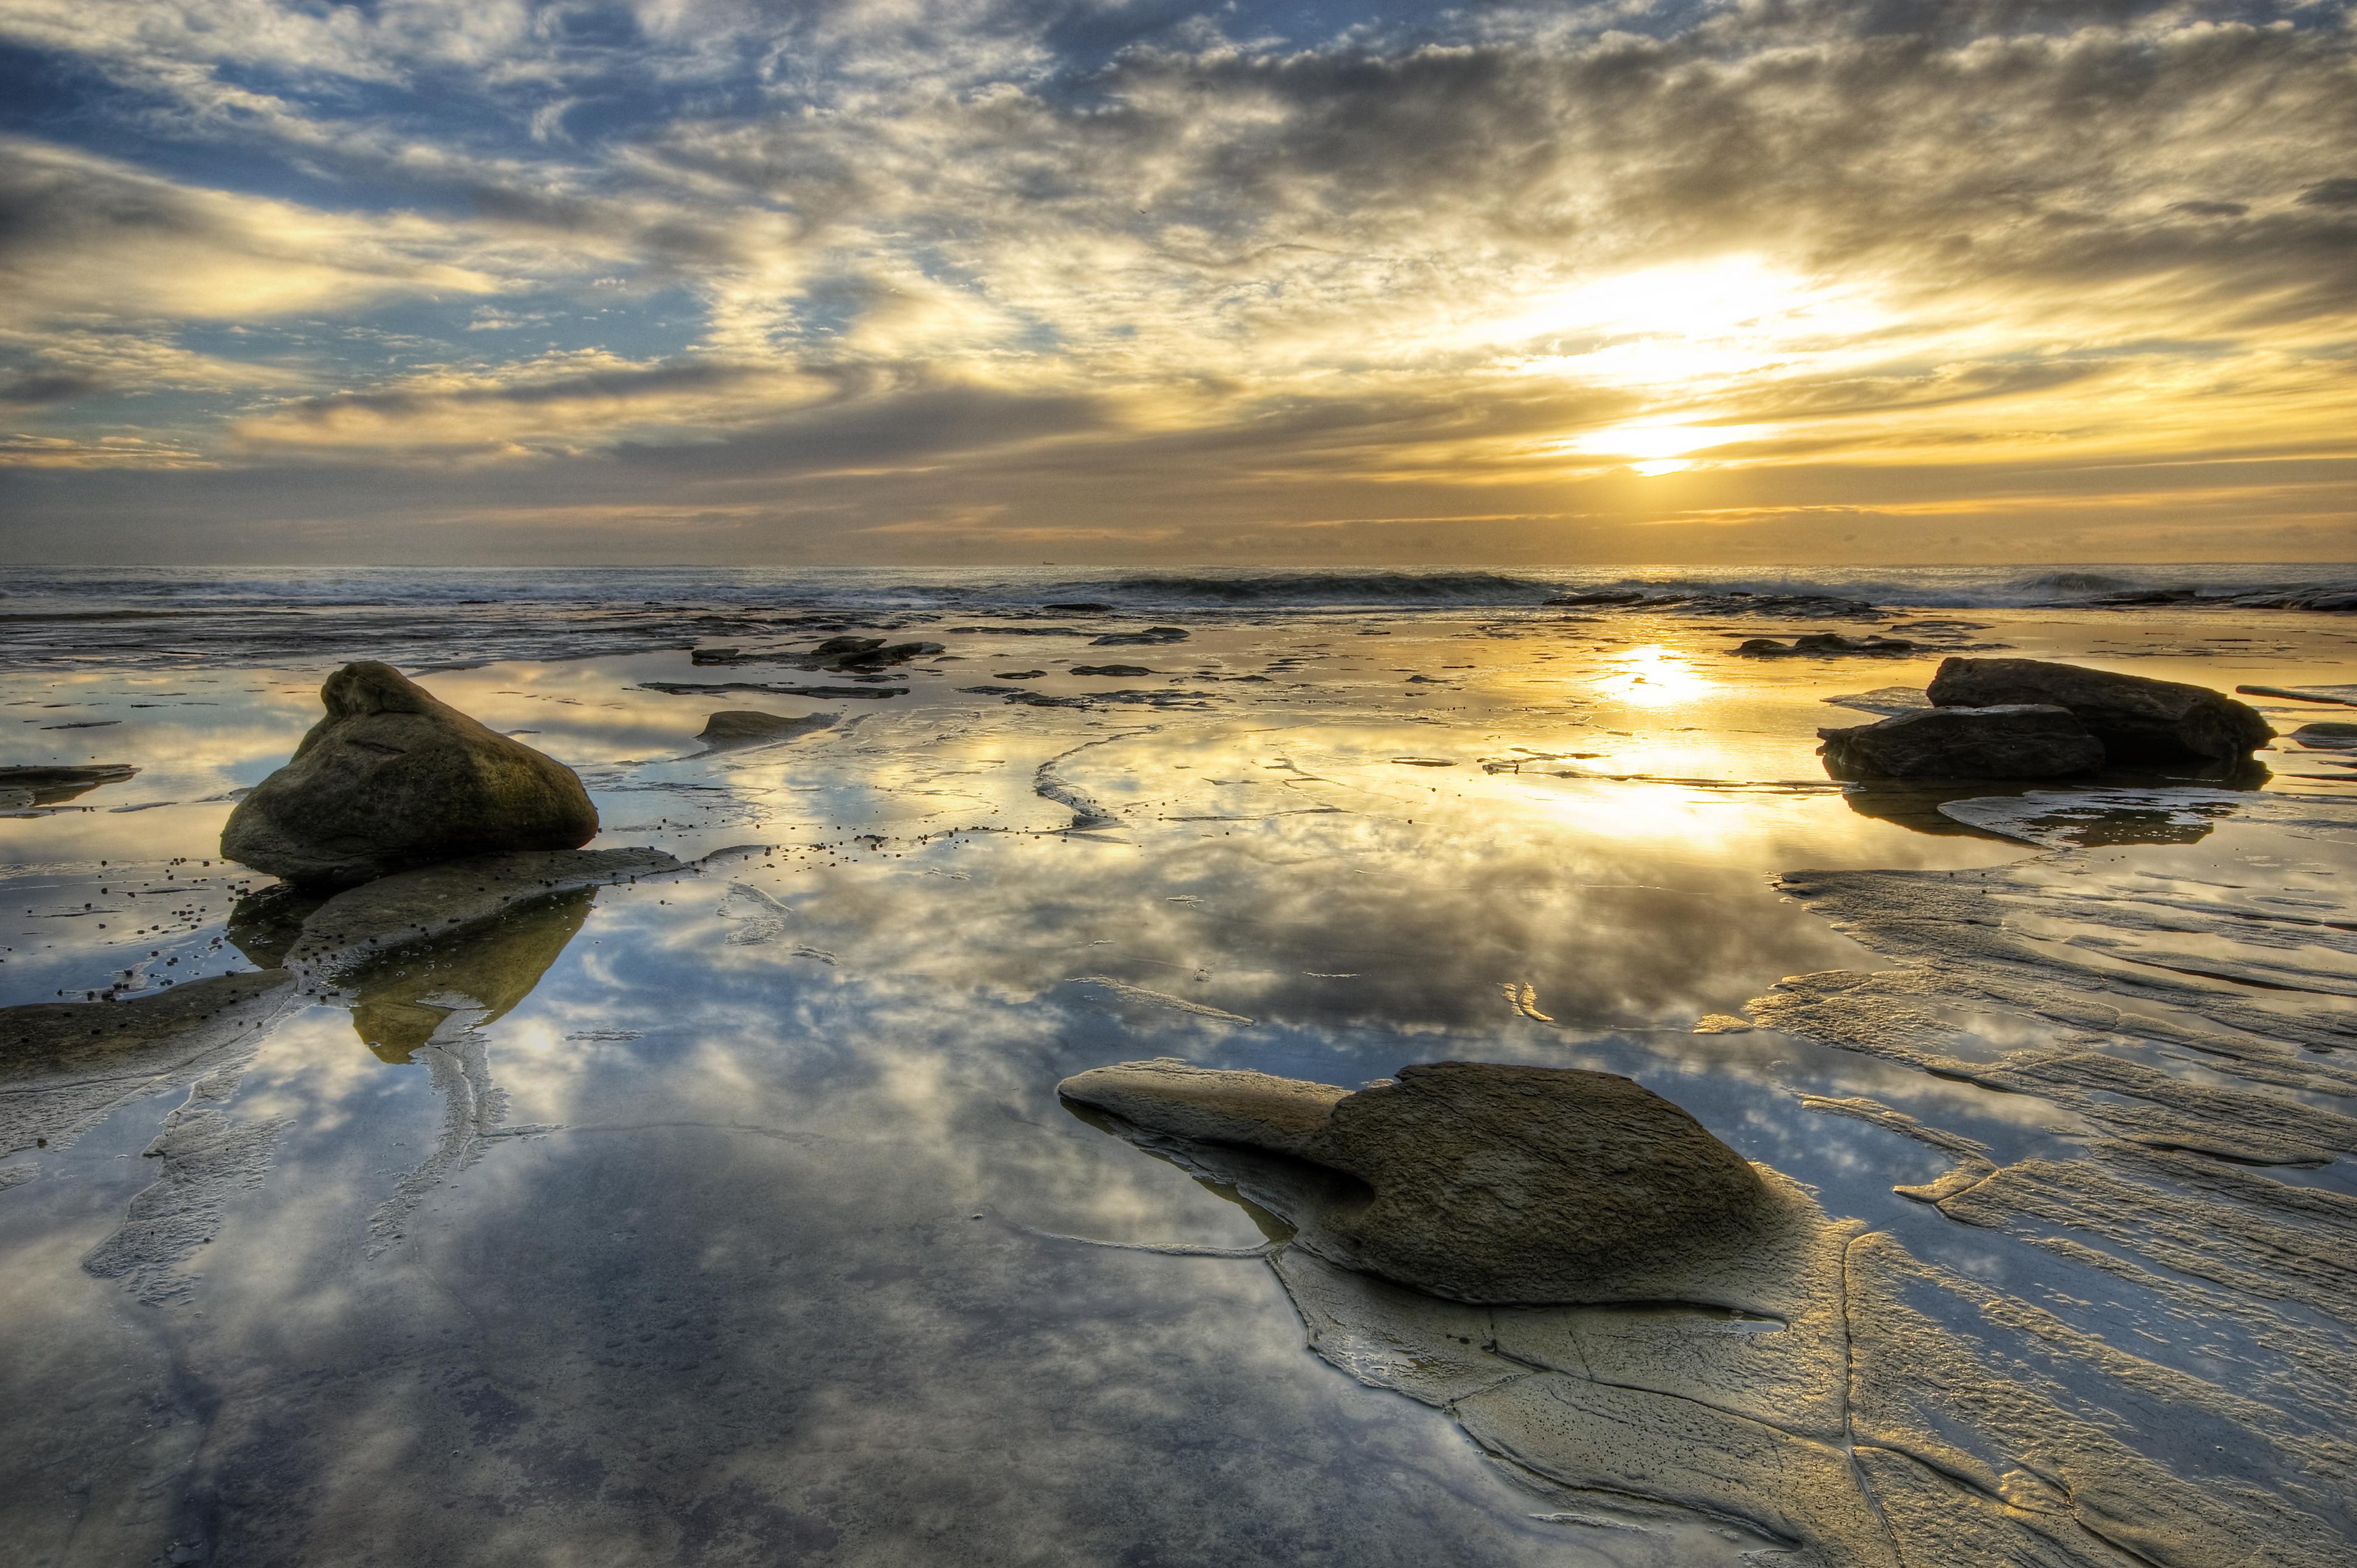 камни закат море скачать